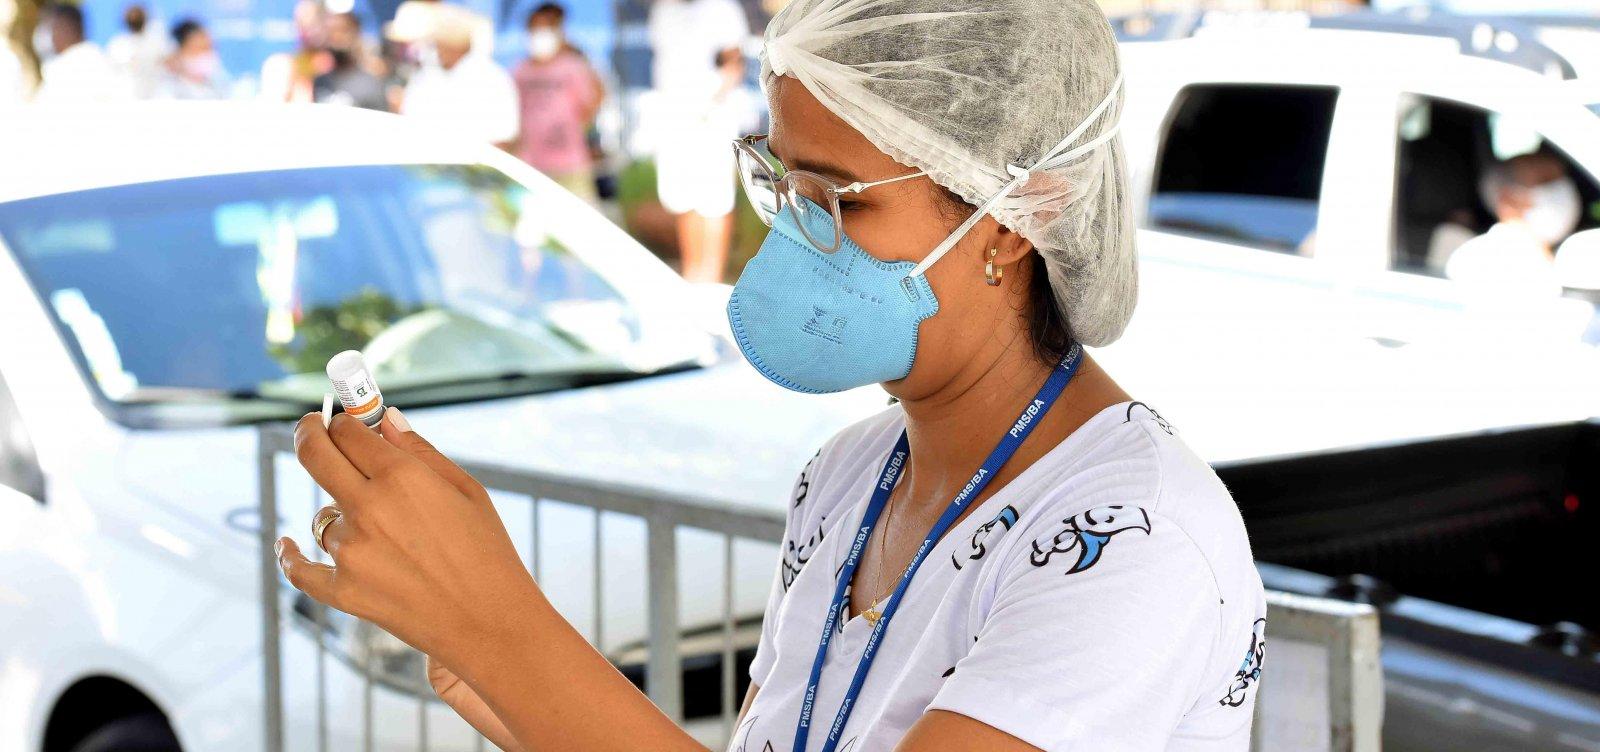 Covid-19: Salvador vacina pessoas com comorbidades a partir dos 18 anos nesta segunda